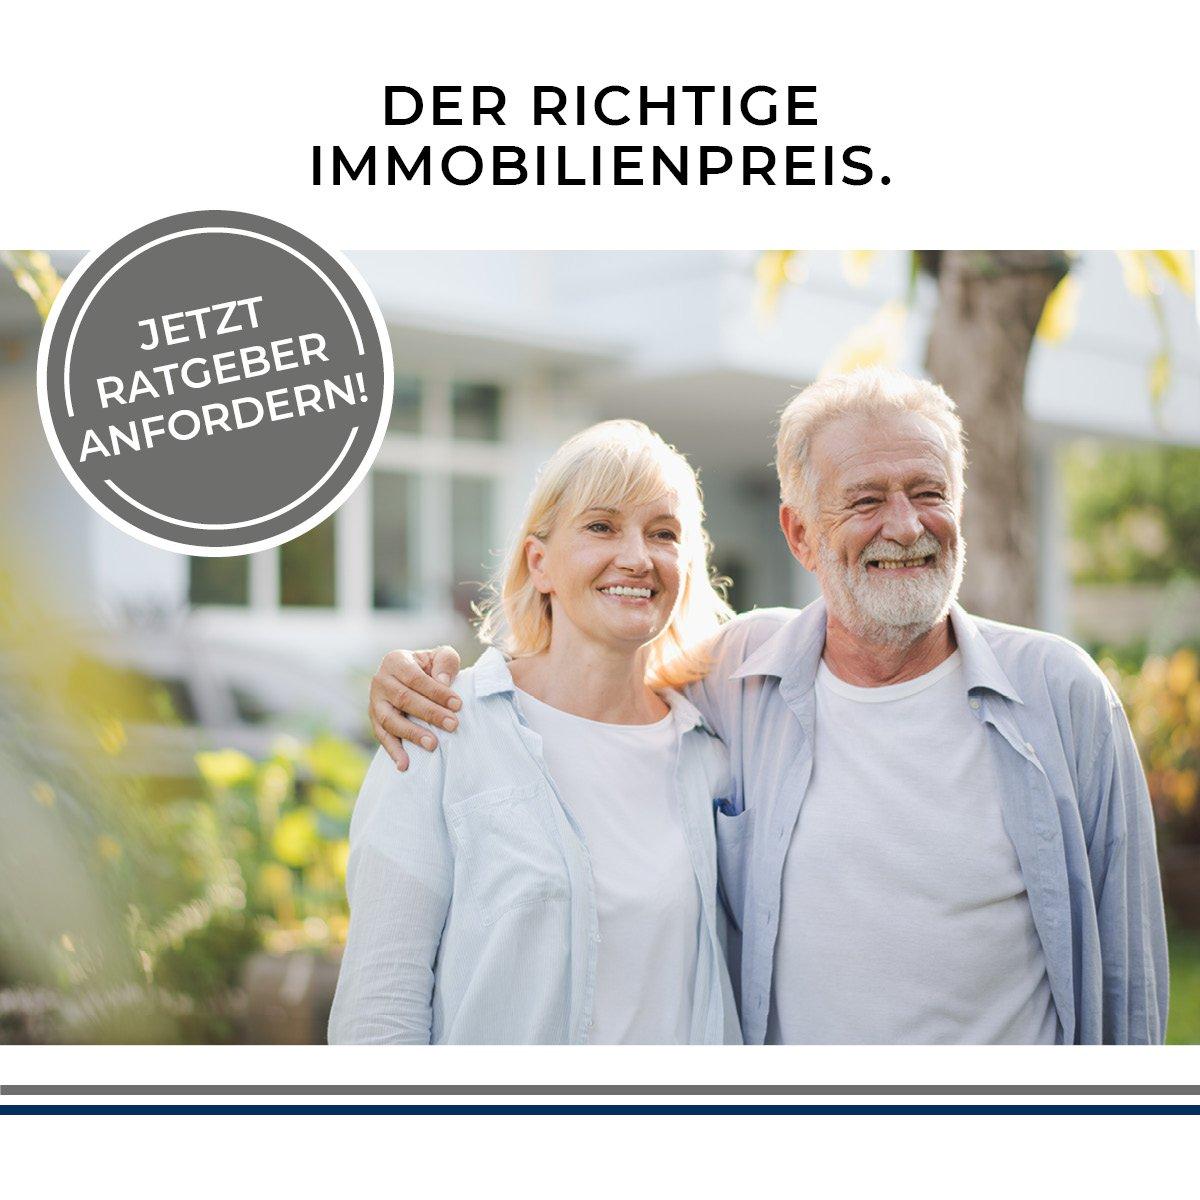 Der richtige Immobilienpreis in Minden, Porta Westfalica, Lübbecke, Bielefeld